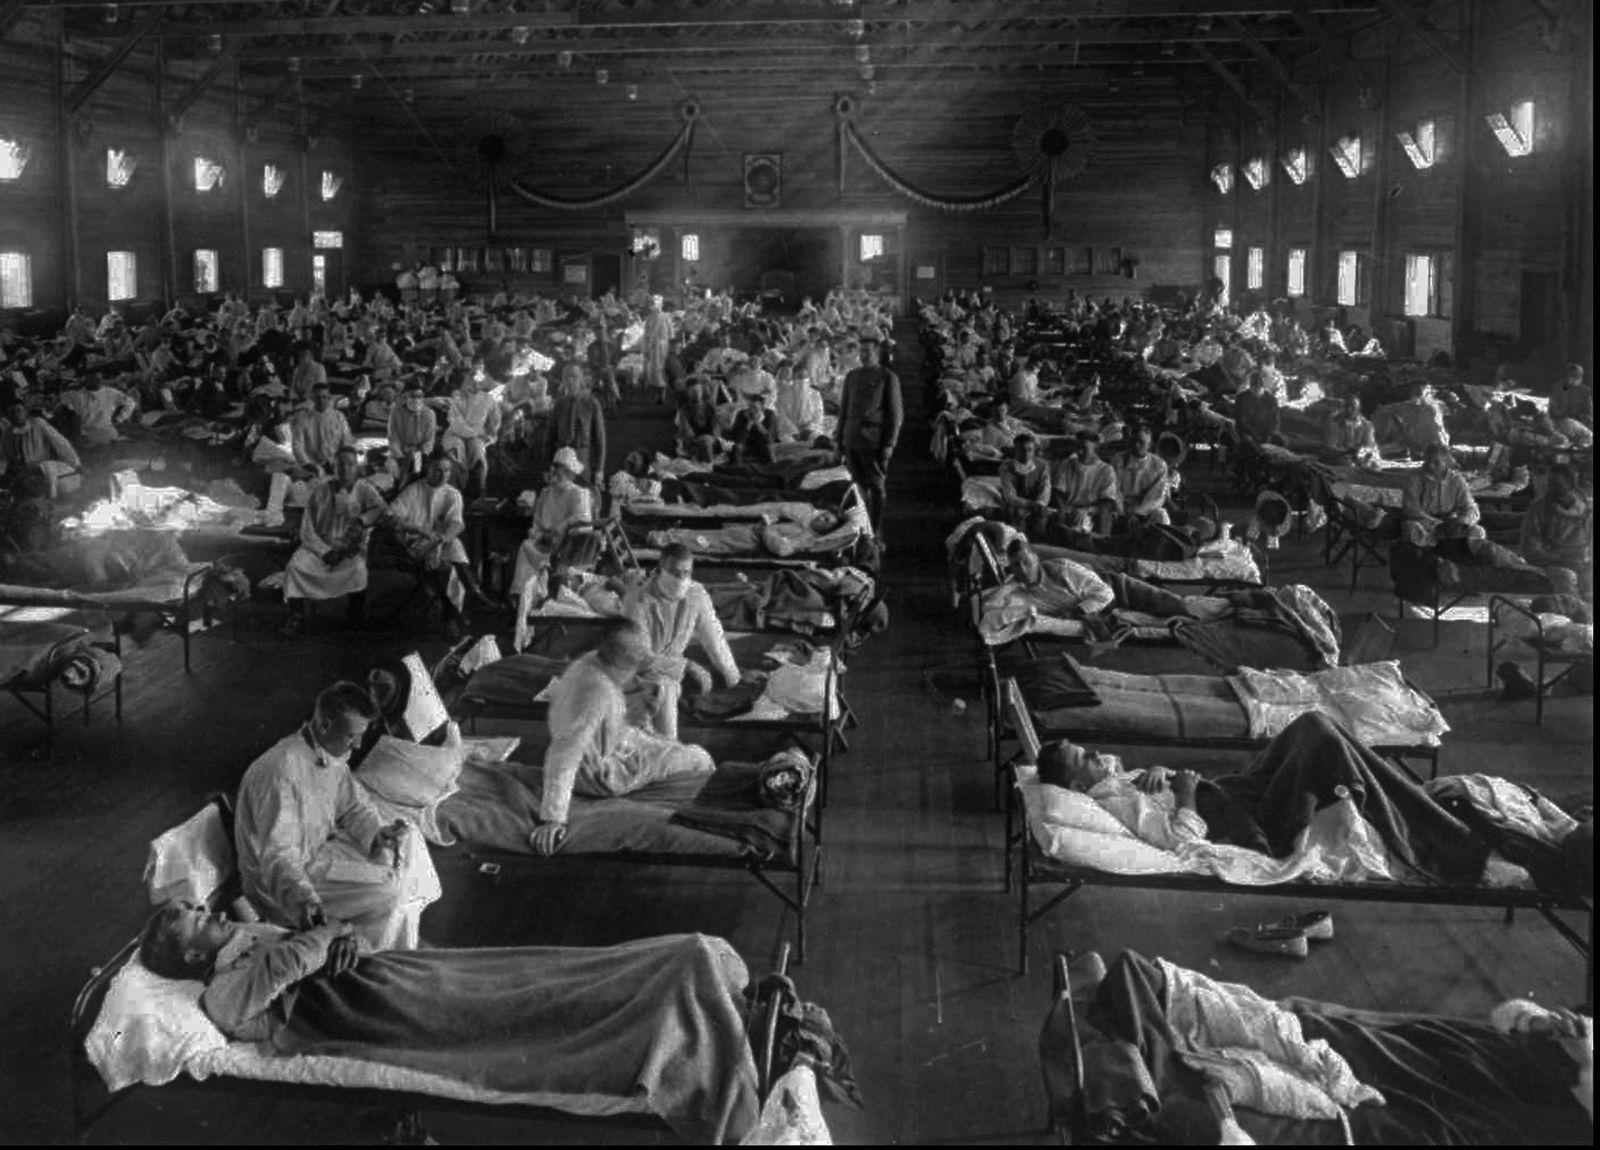 Nejnebezpečnější chřipka byla španělská chřipka, na kterou zemřely desítky miliony lidí.